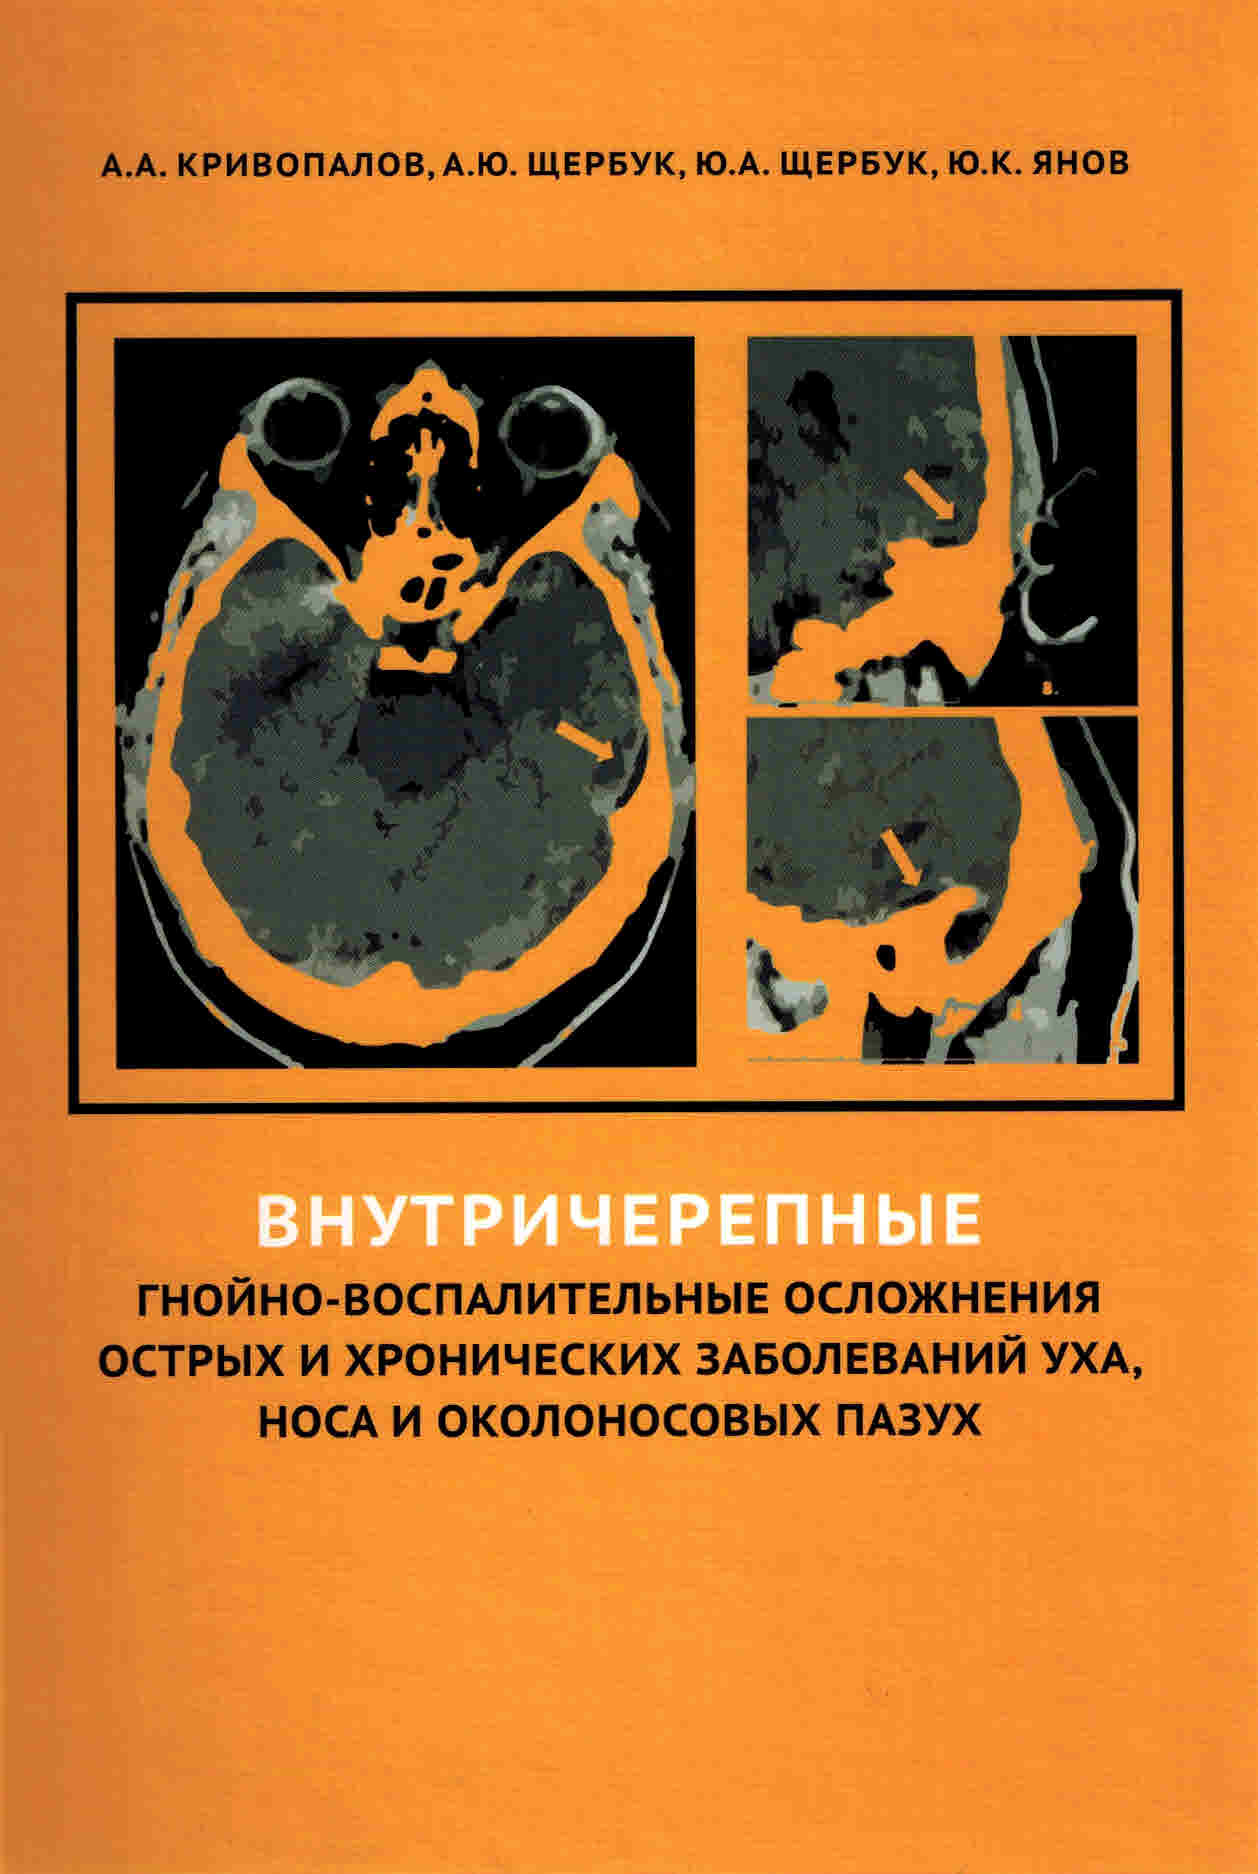 Новинки Внутричерепные гнойно-воспалительные осложнения острых и хронических заболеваний уха, носа и околоносовых пазух vnutricher_gn-vosp_osl_ostr_i_hron_zab_uha__nosa_i_okolon_pazuh.jpg